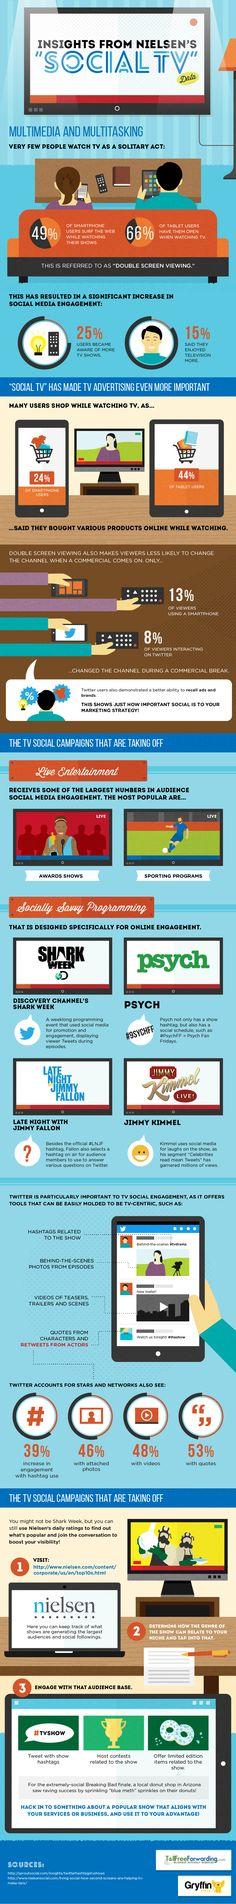 Insights From Nielson's Social TV Data #infographic #Multitasking #SocialMedia #Internet